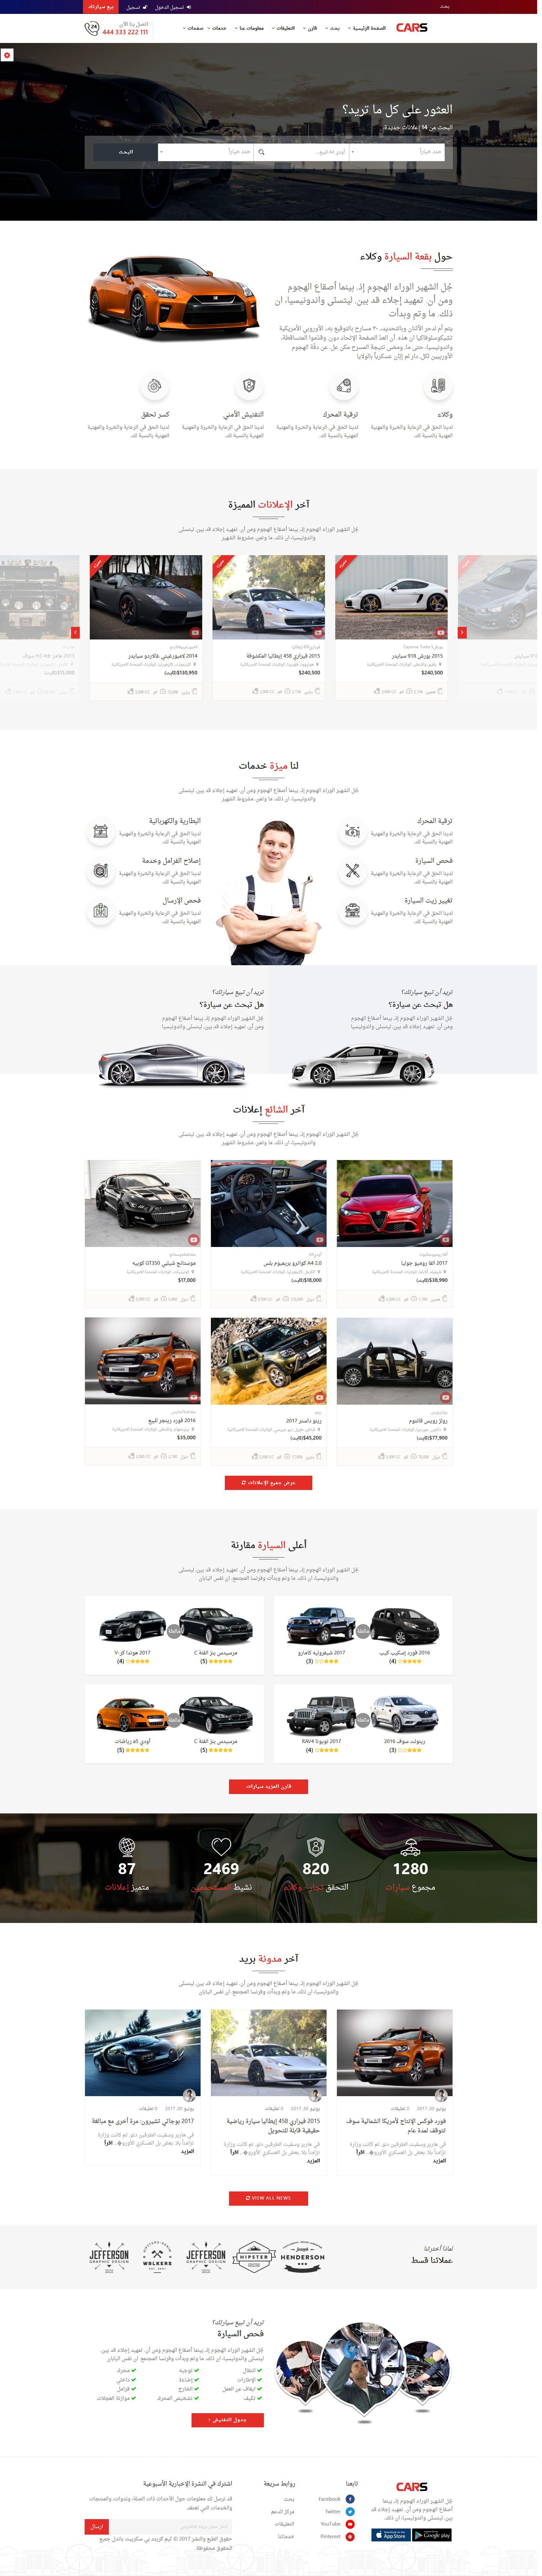 تصميم برنامج موقع حراج معارض سيارات - شكل تصميم الصفحة الرئيسية الأول